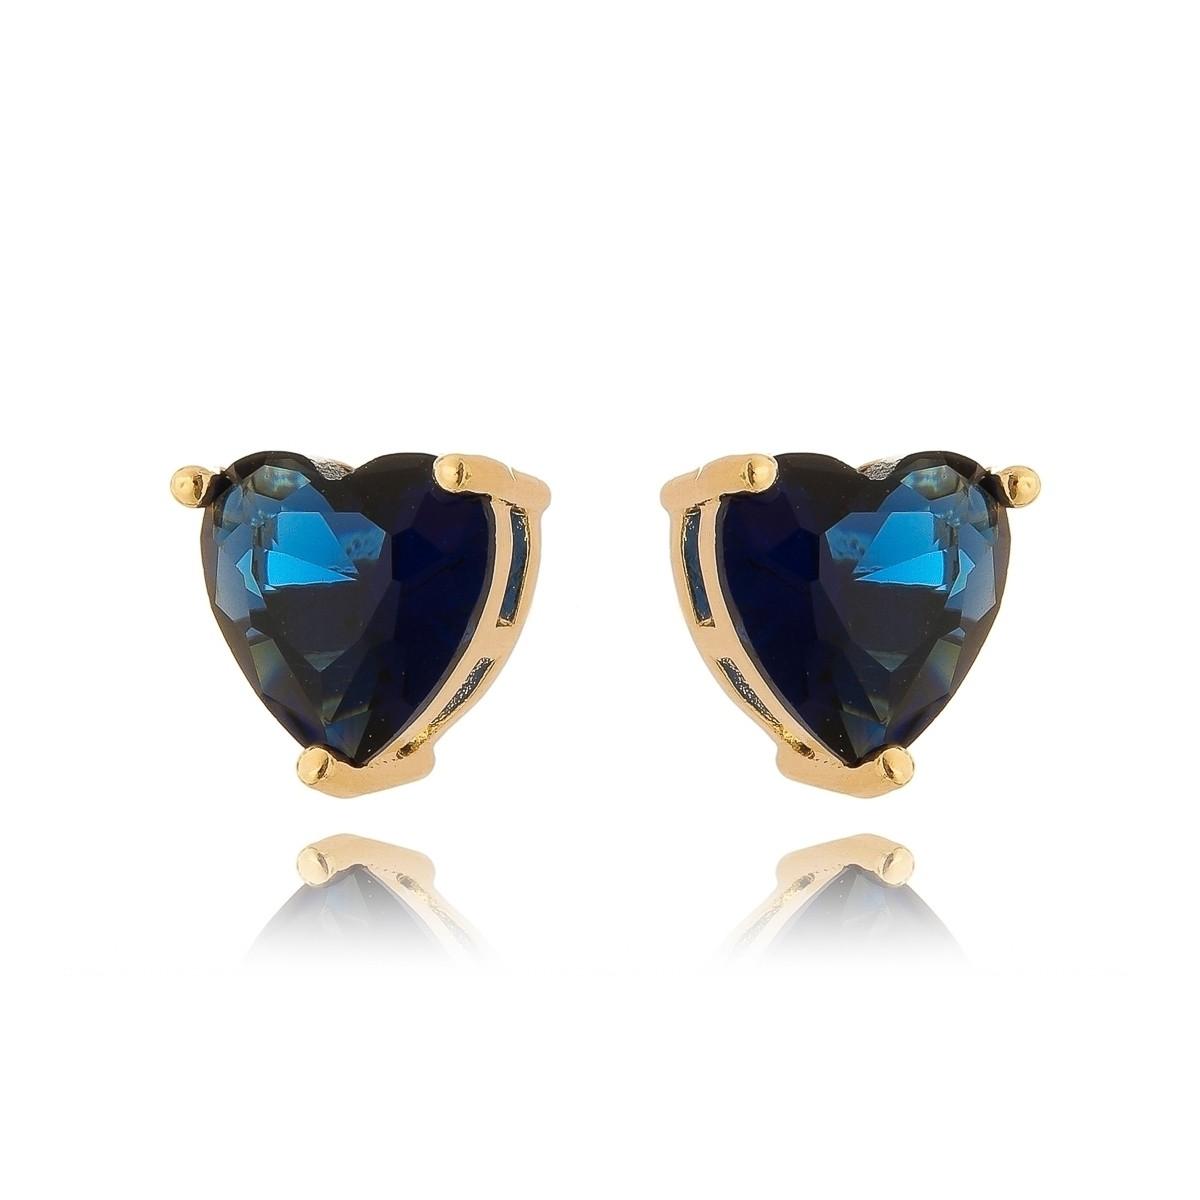 Brinco Coração Pedra Azul Safira Semijoia em Ouro 18K  - Soloyou